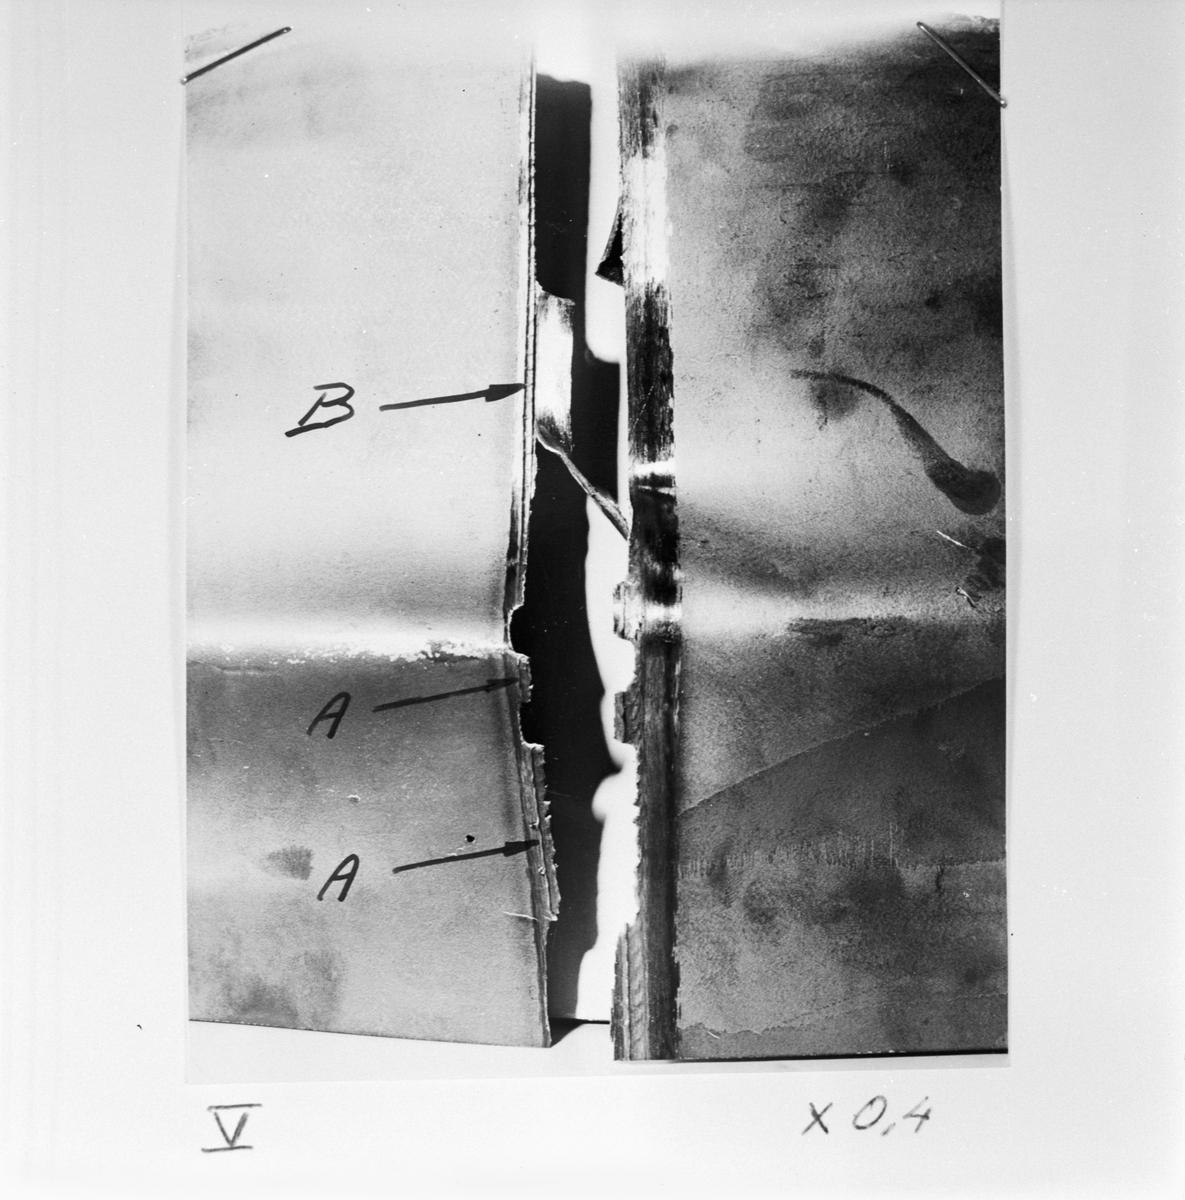 Övrigt: Foto datum: 20/1 1956 Byggnader och kranar Microbilder